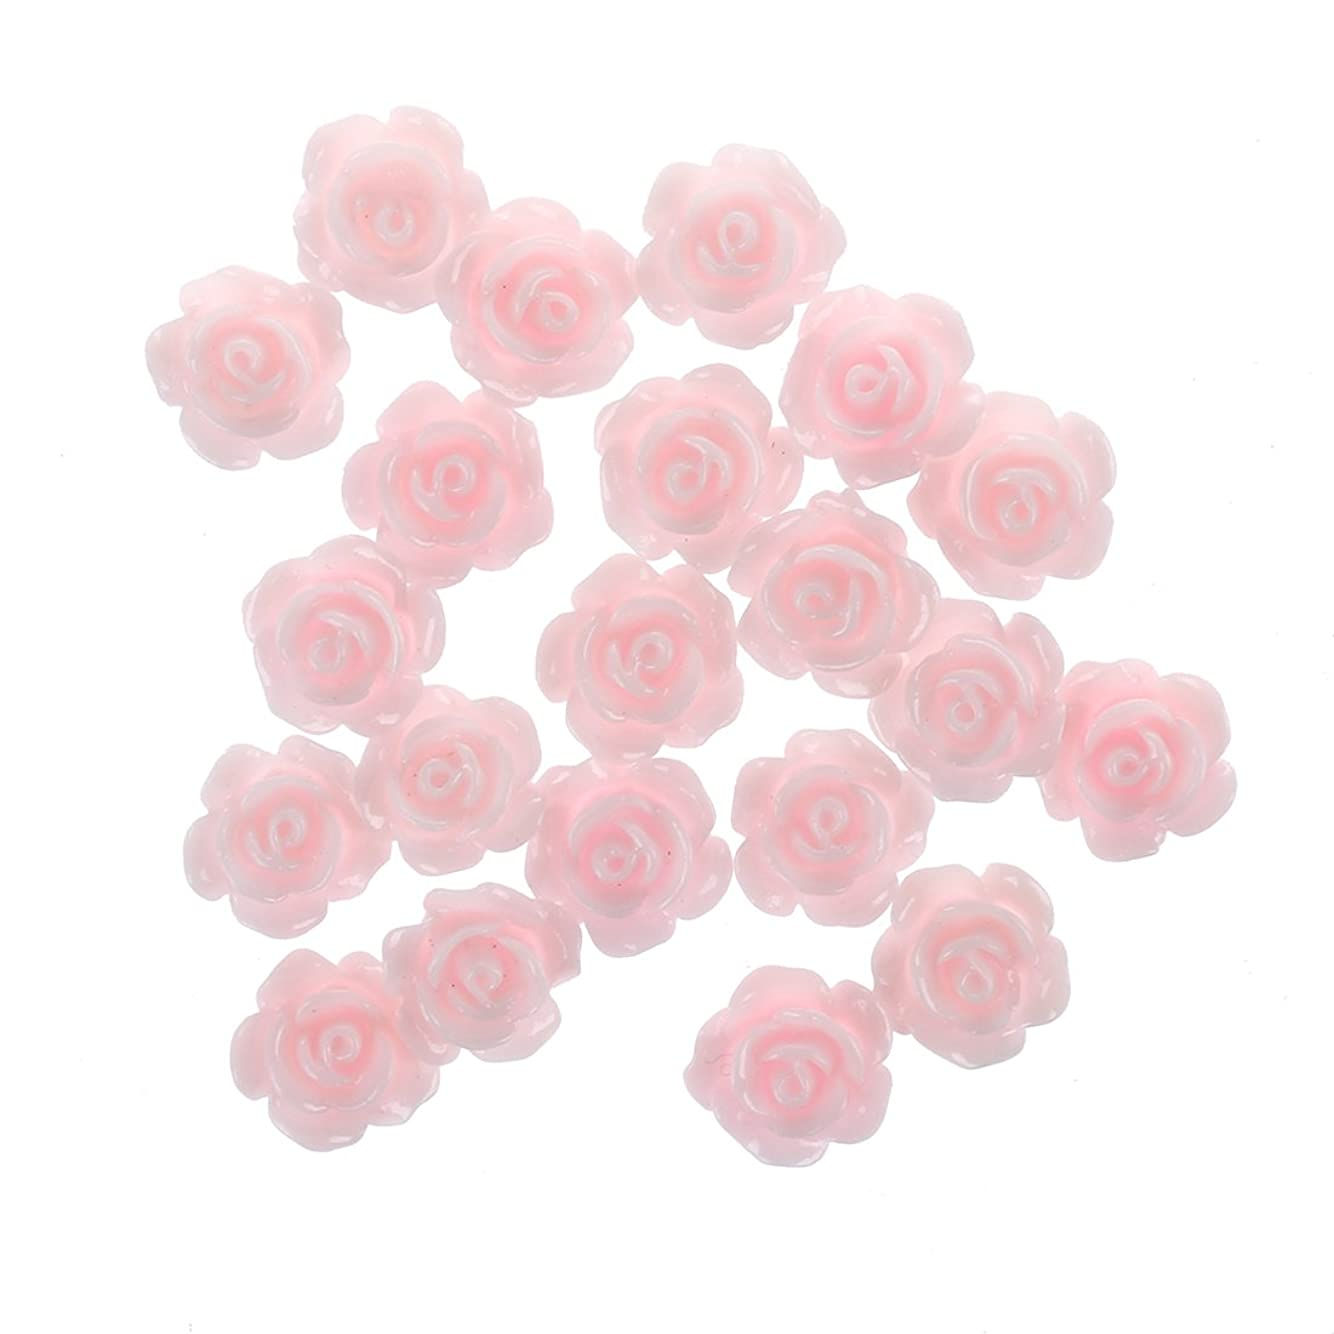 うれしい共和国シェルターGaoominy 20x3Dピンクの小さいバラ ラインストーン付きネイルアート装飾